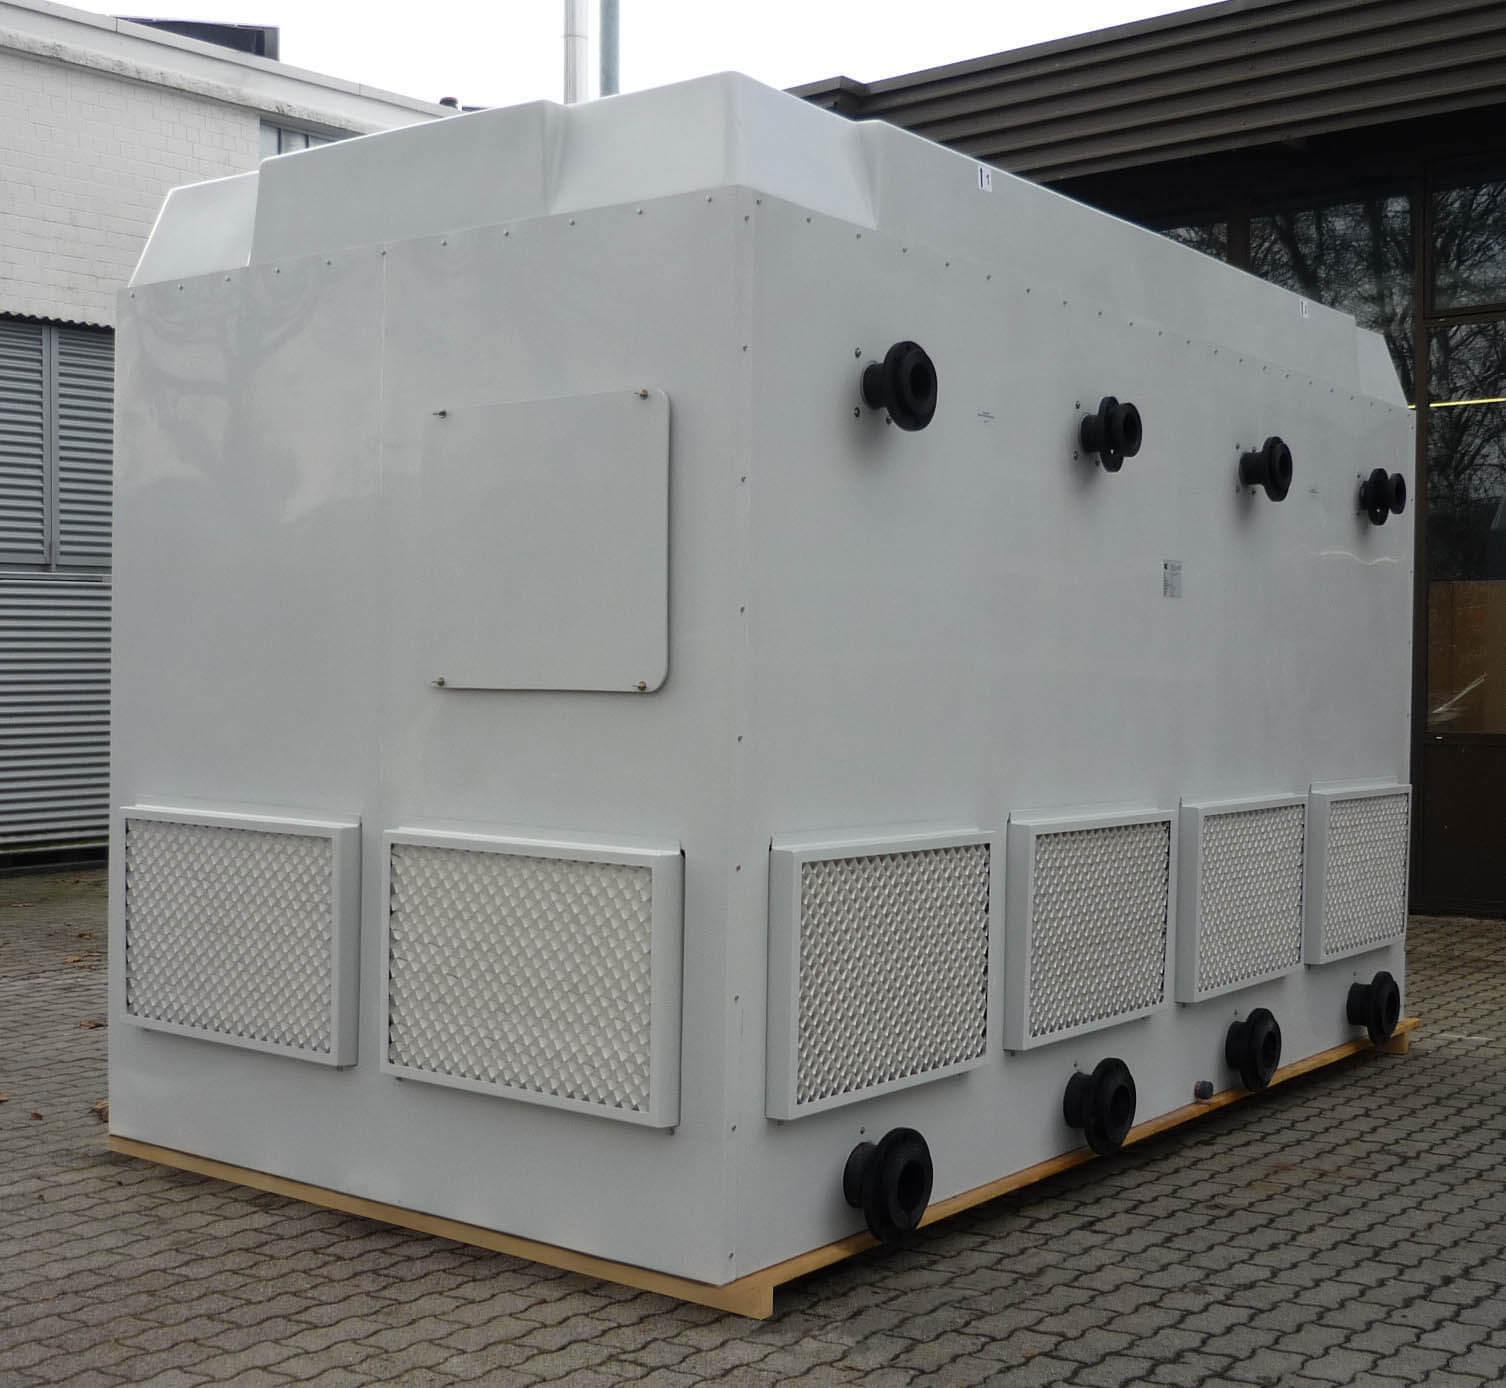 Kühlturm zweizellig (doppelzellig)